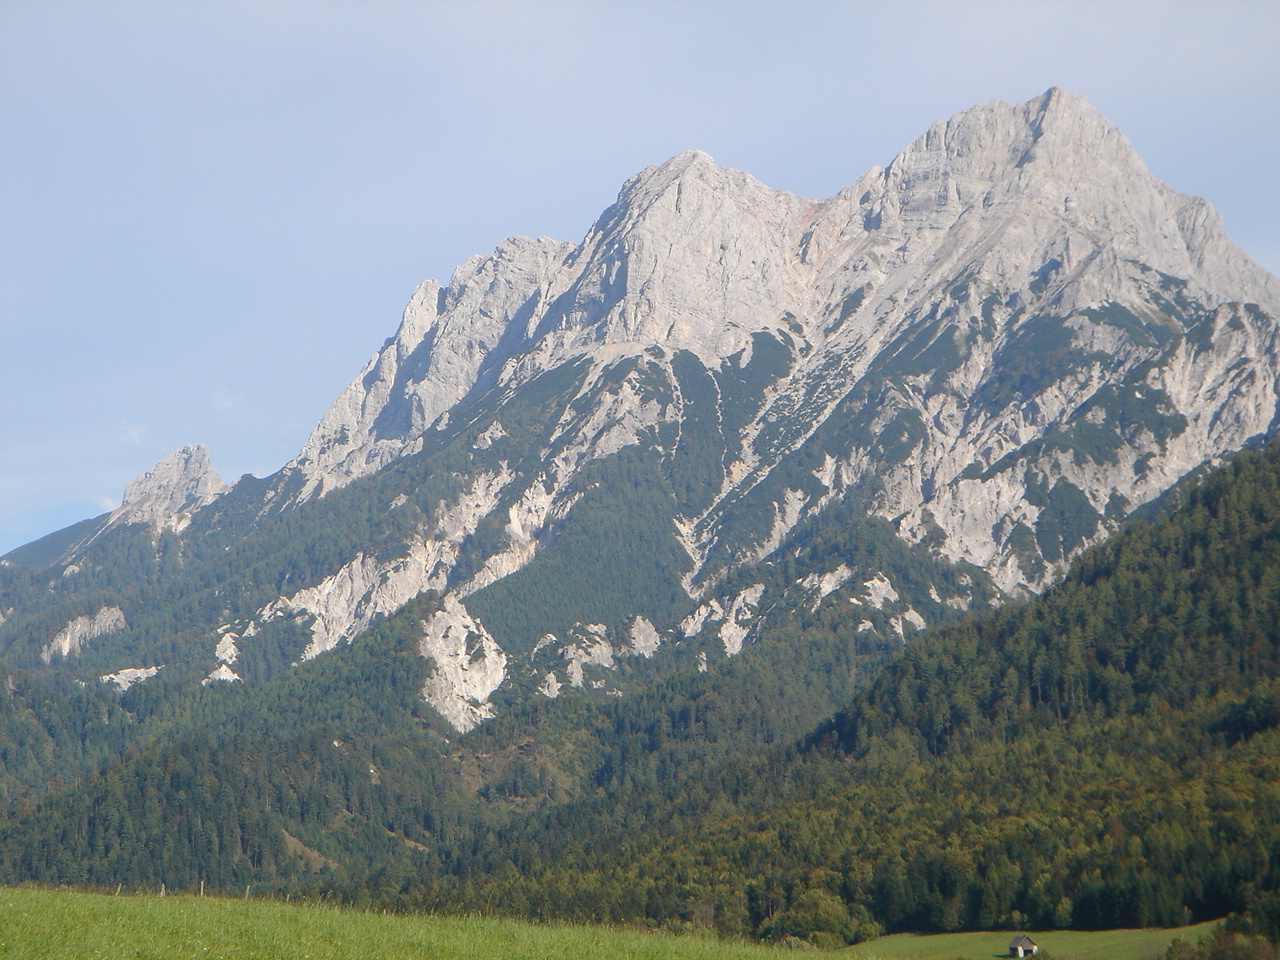 Foto: Manfred Karl / Wander Tour / Grabnerstein - Gipfelrunde / Buchauer Sattel, überragt vom Großen Buchstein, links der Kleine Buchstein / 18.05.2007 14:46:22